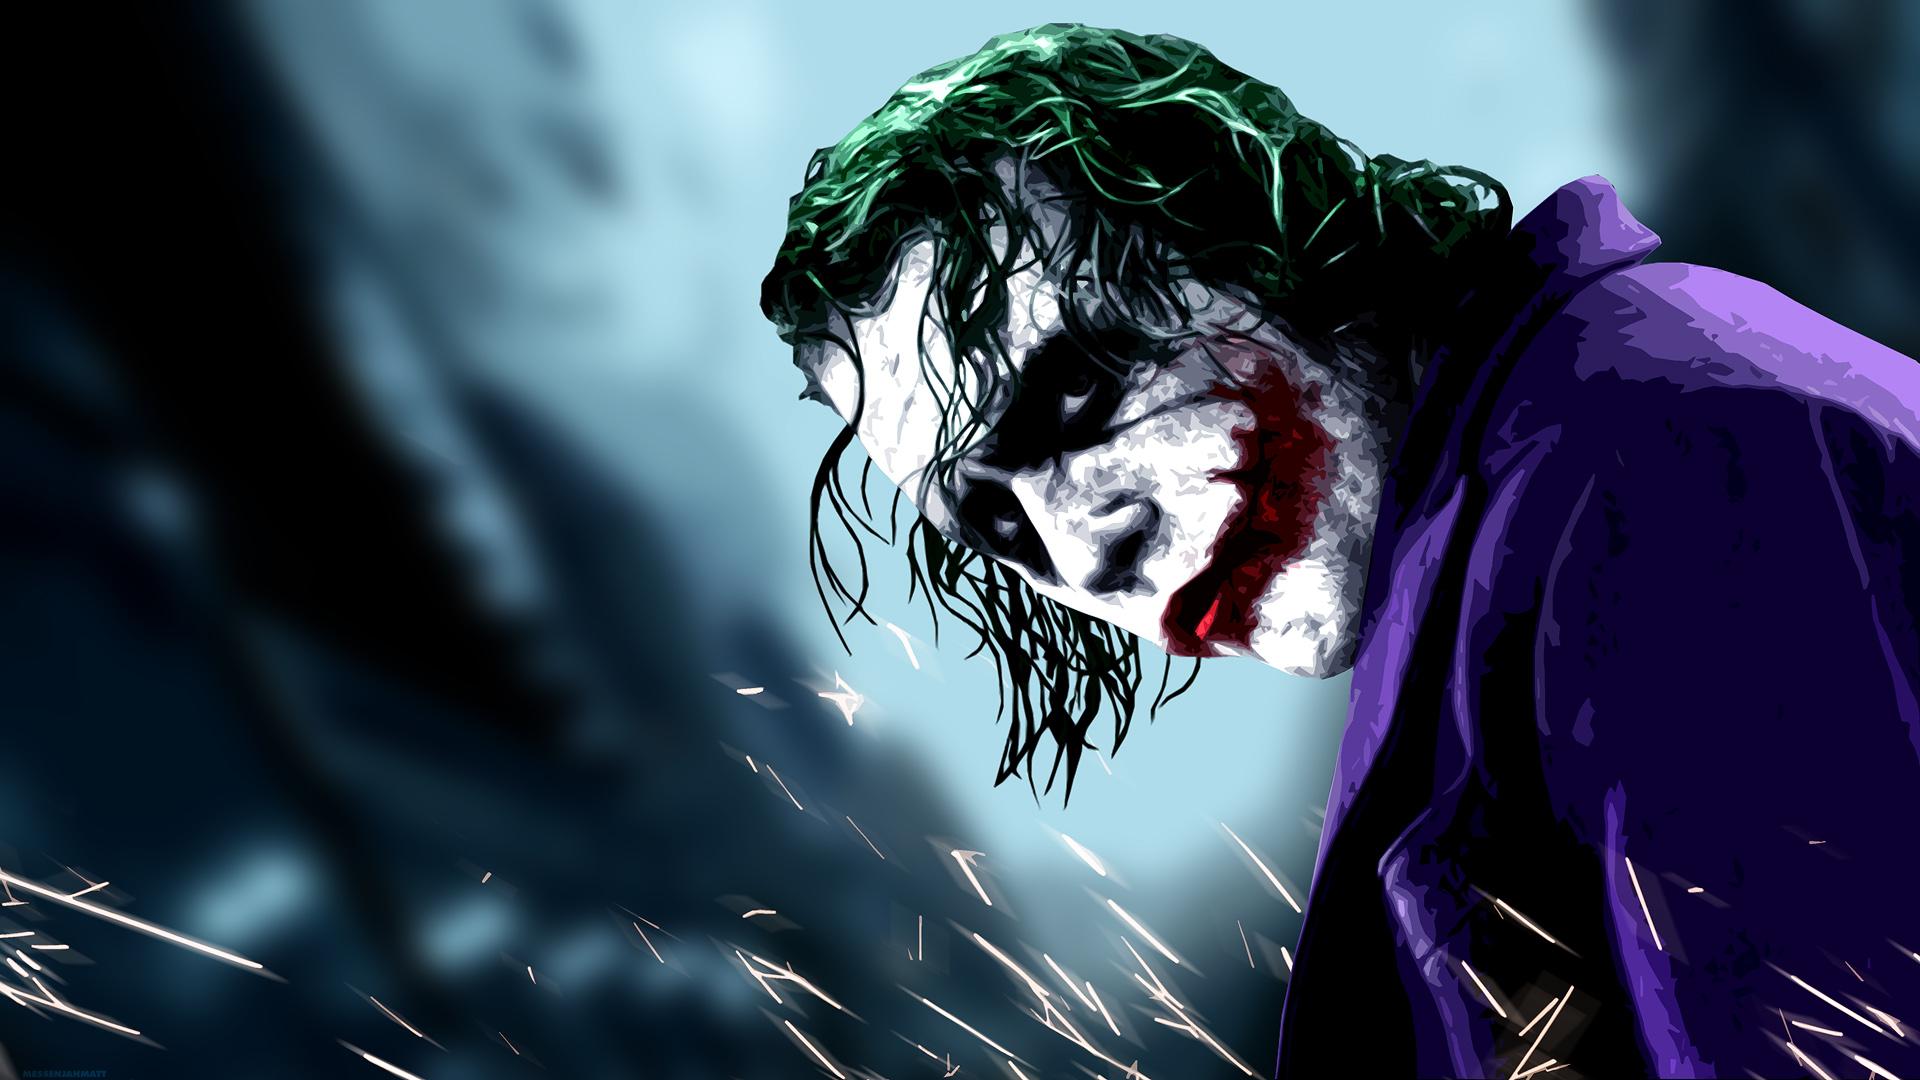 Image Joker HD Wallpaper Joker Pictures Cool Wallpapersjpg